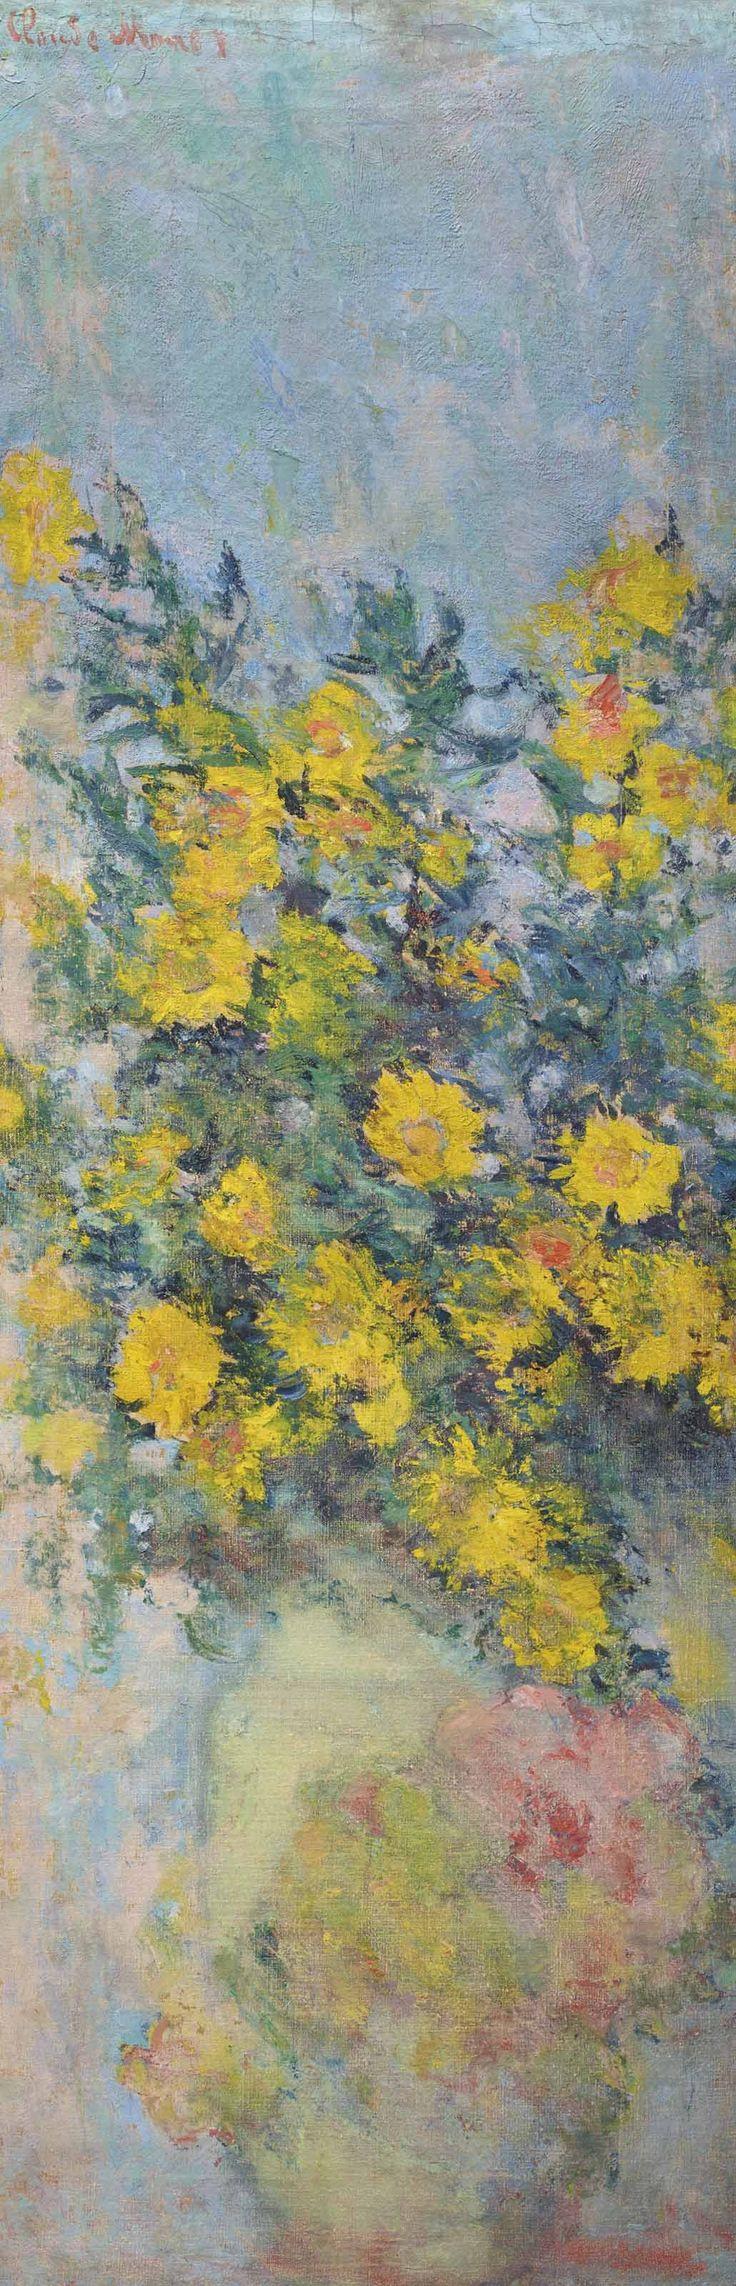 monet vase of flowers of best 112 claude monet ideas on pinterest artworks impressionist for claude monet 1840 1926 mauves